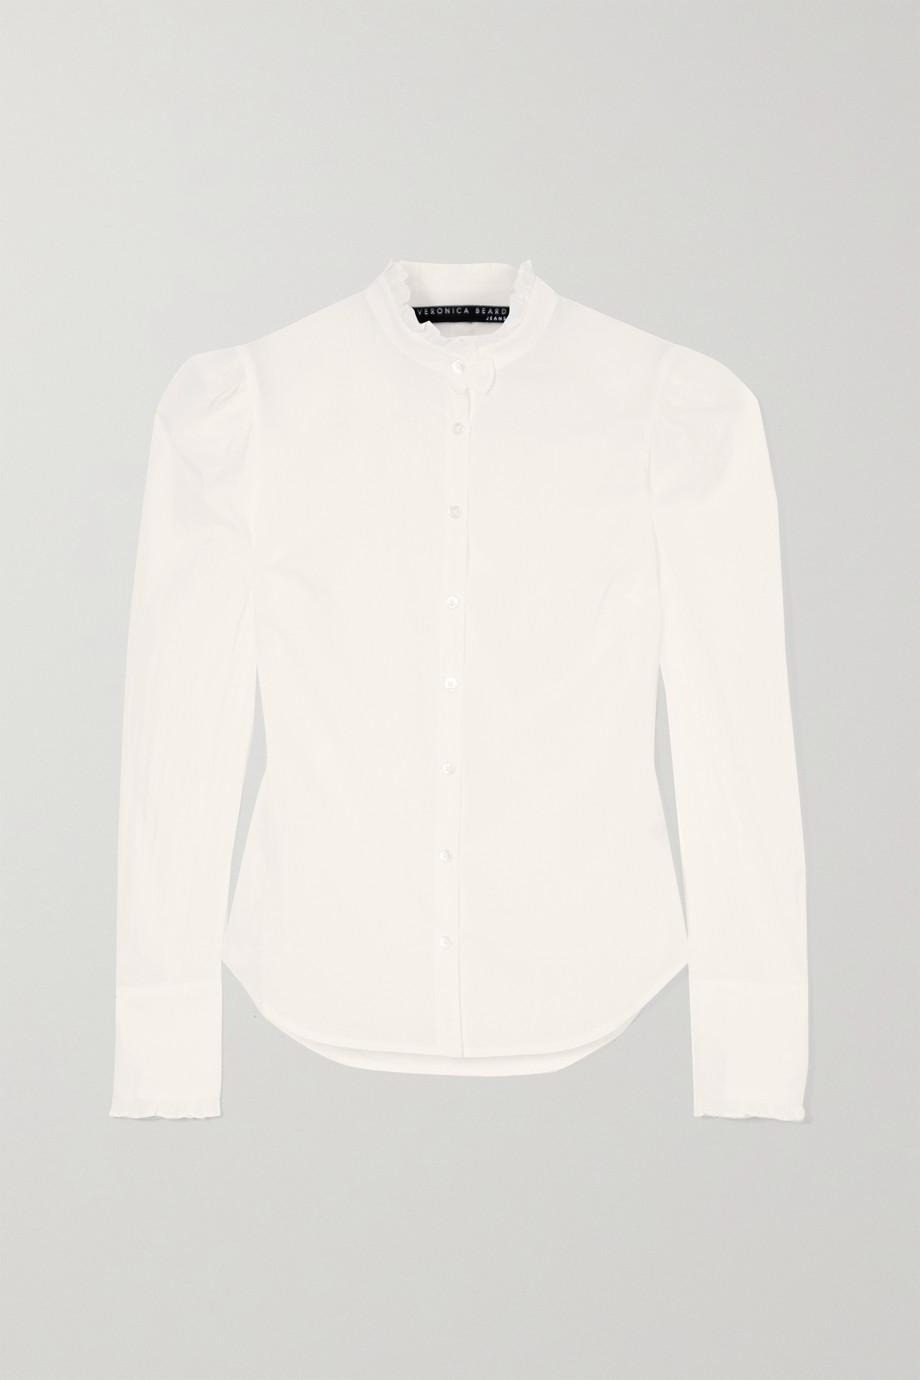 Veronica Beard Holli ruffle-trimmed cotton-voile shirt